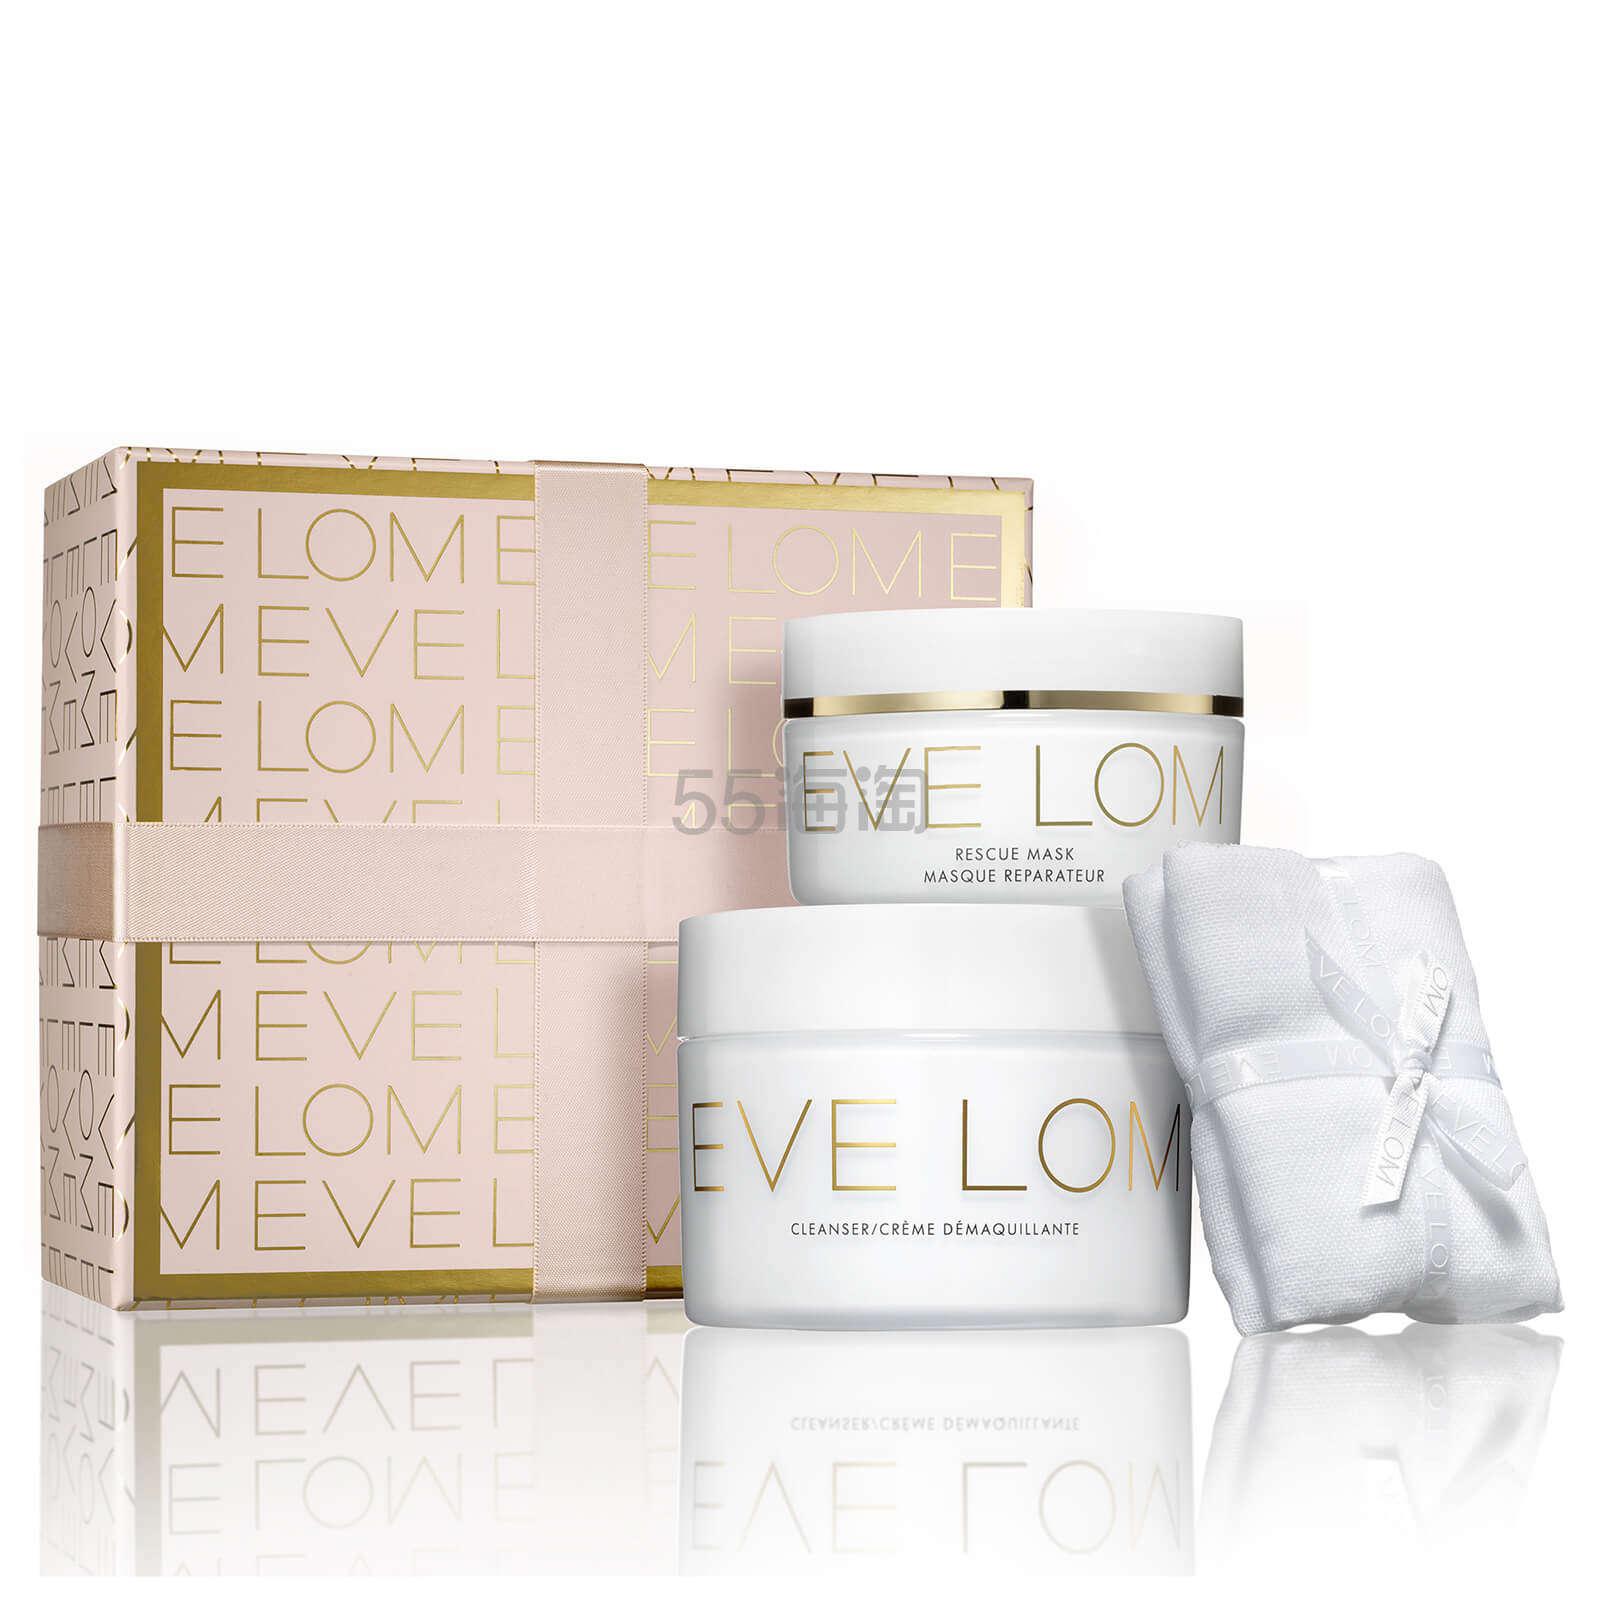 【好价】额外7.2折!EVE LOM 圣诞礼盒 卸妆膏200ml+急救面膜100ml+洁面巾